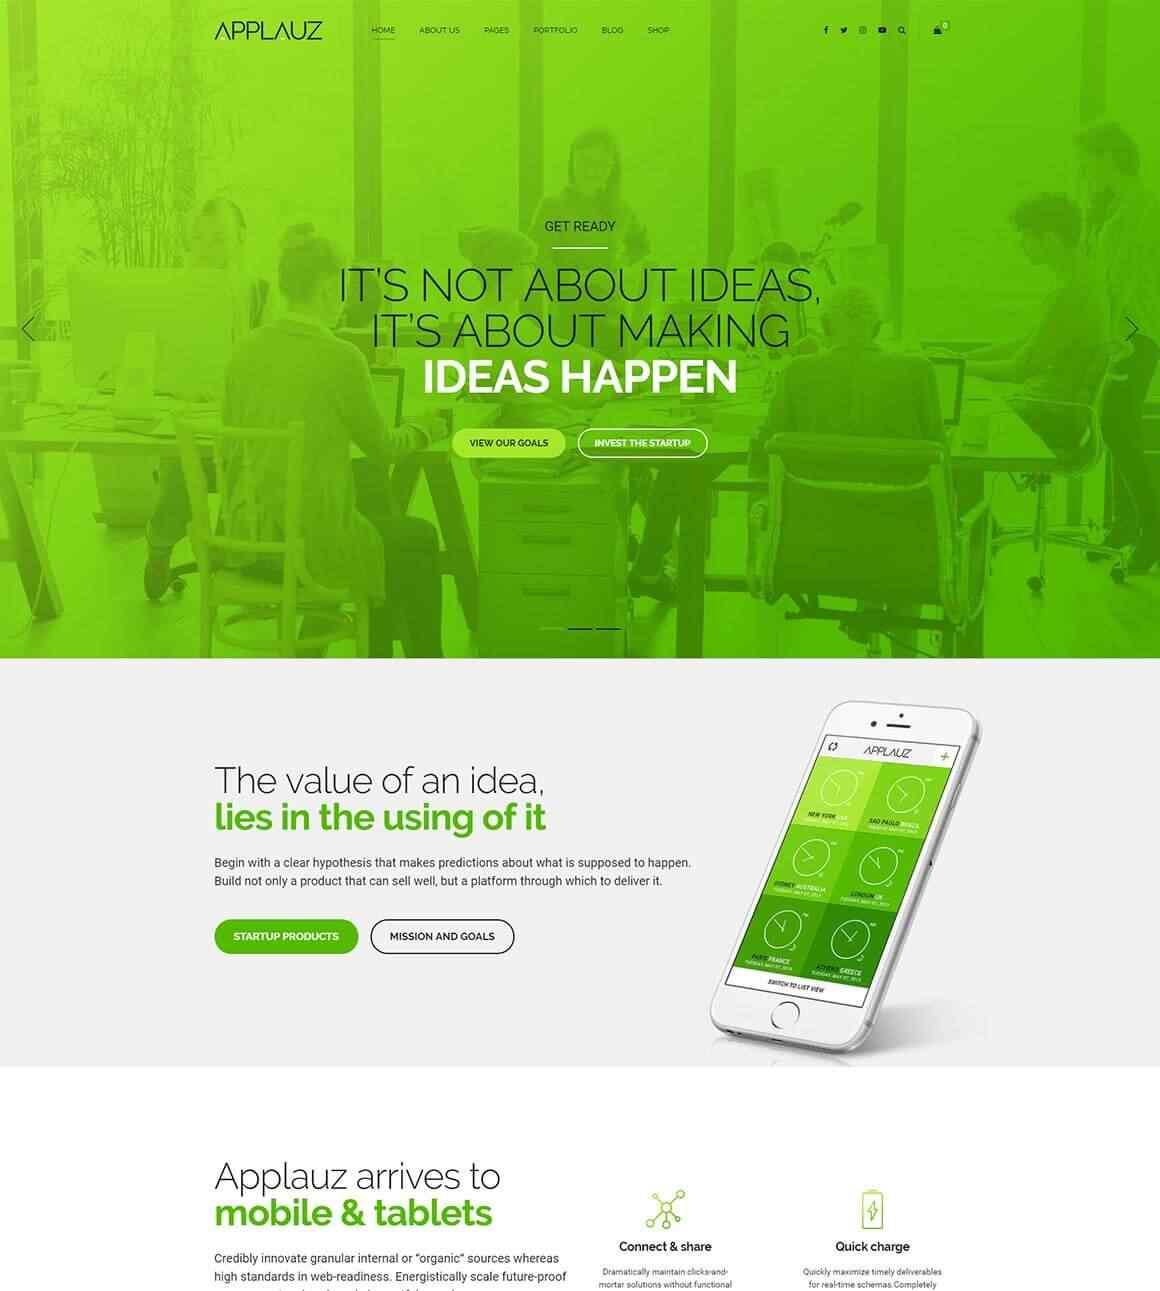 http://lagoontechnologies.com/wp-content/uploads/2017/11/Screenshot-Startup.jpg